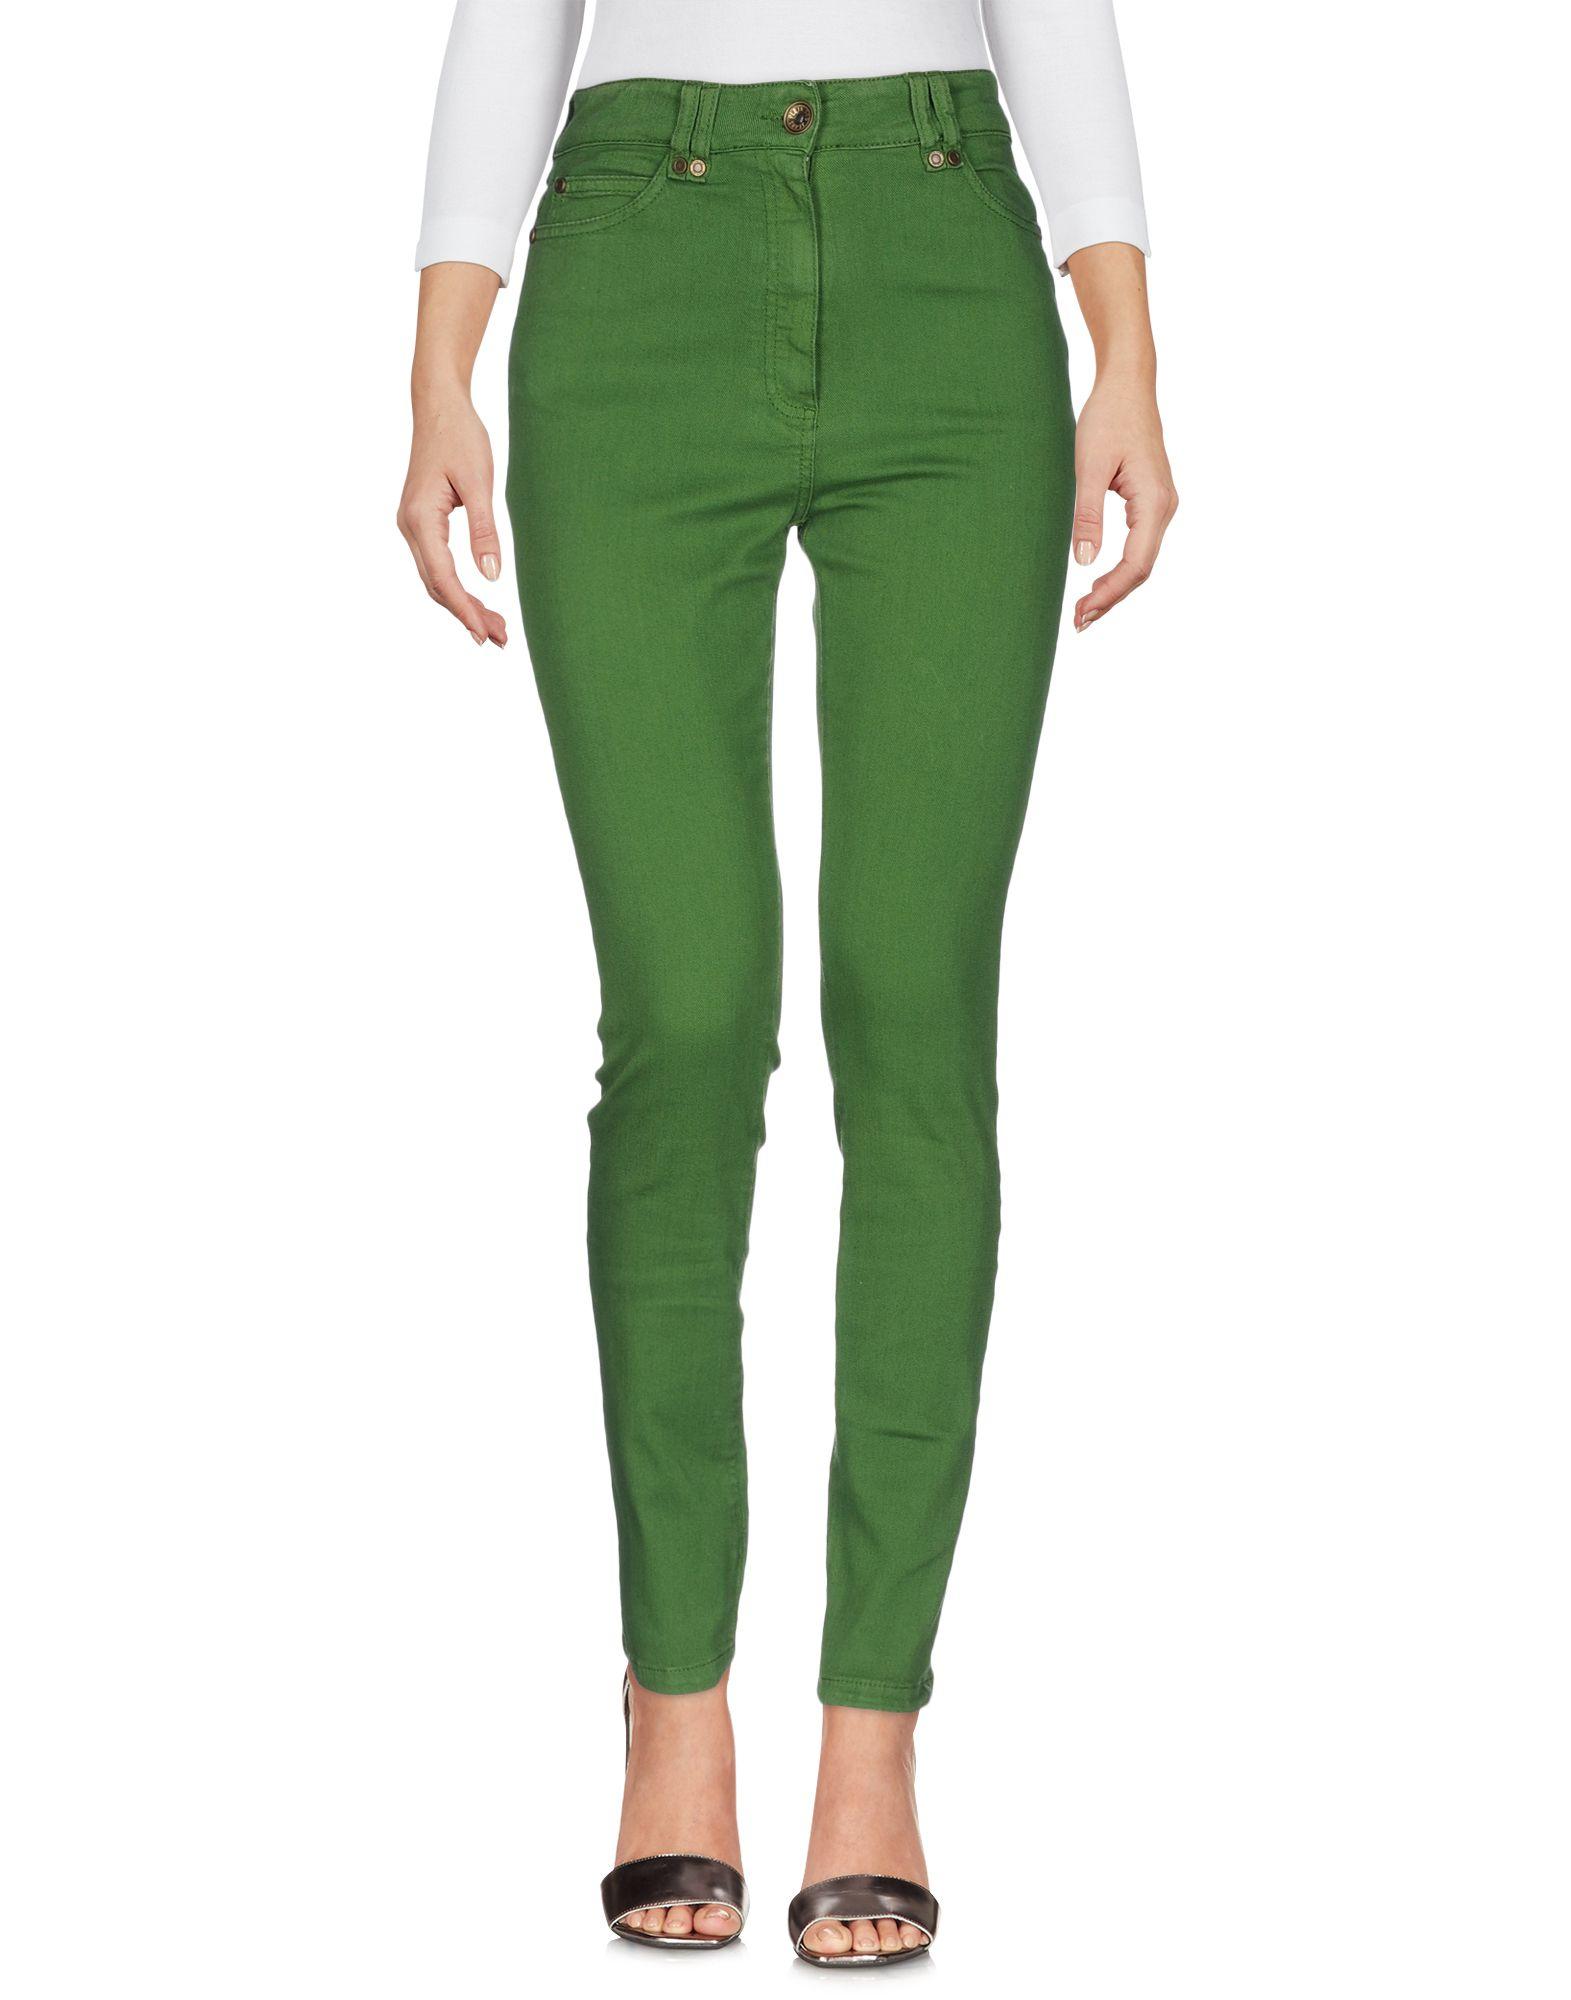 купить PLEIN SUD Джинсовые брюки по цене 4400 рублей